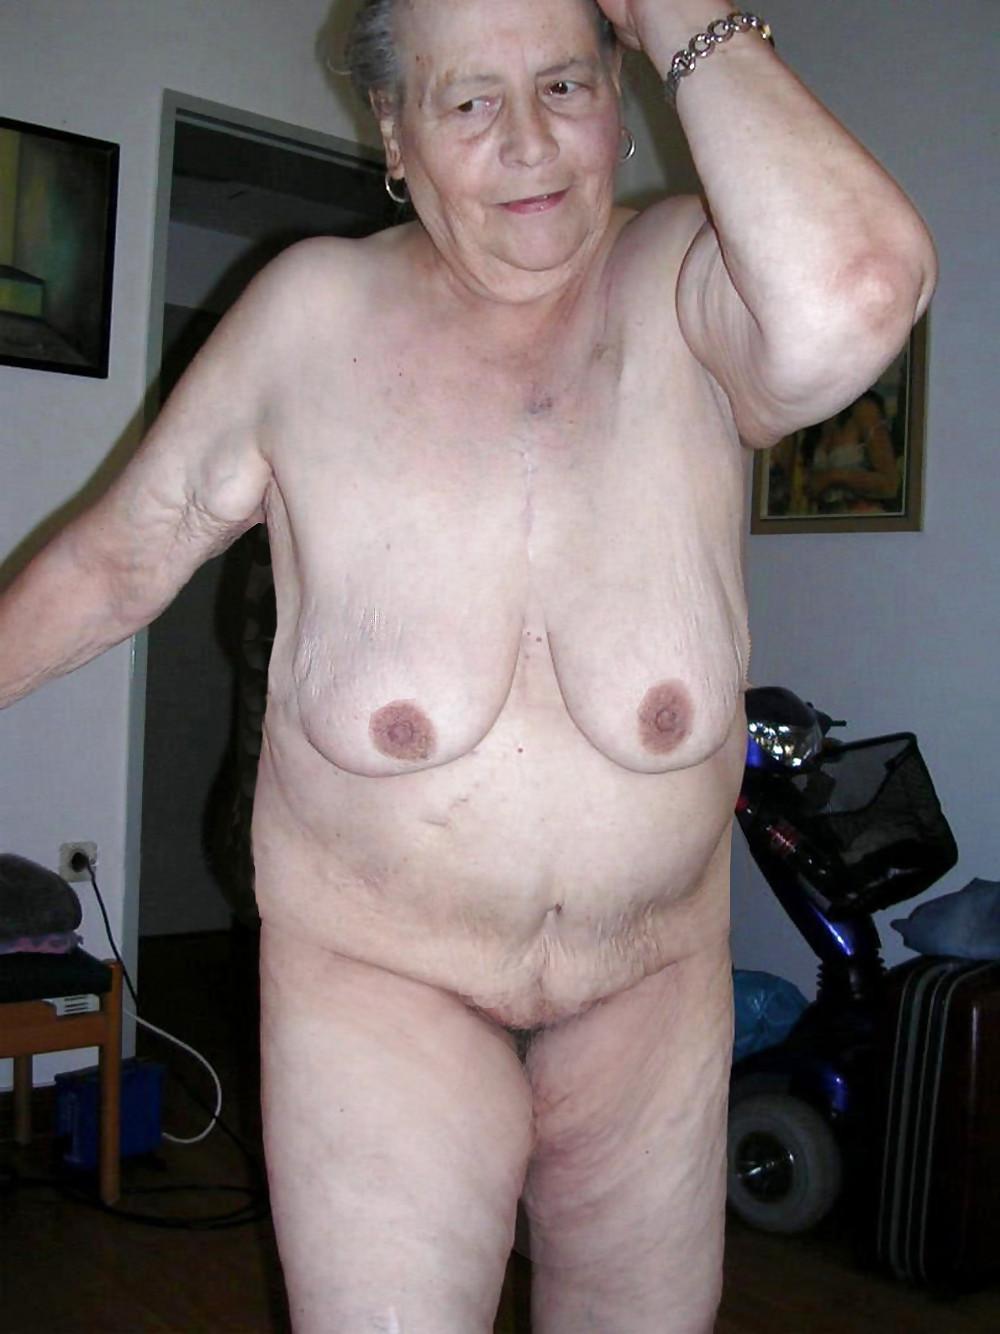 Ugly old naked ladies, nightcrawler naked